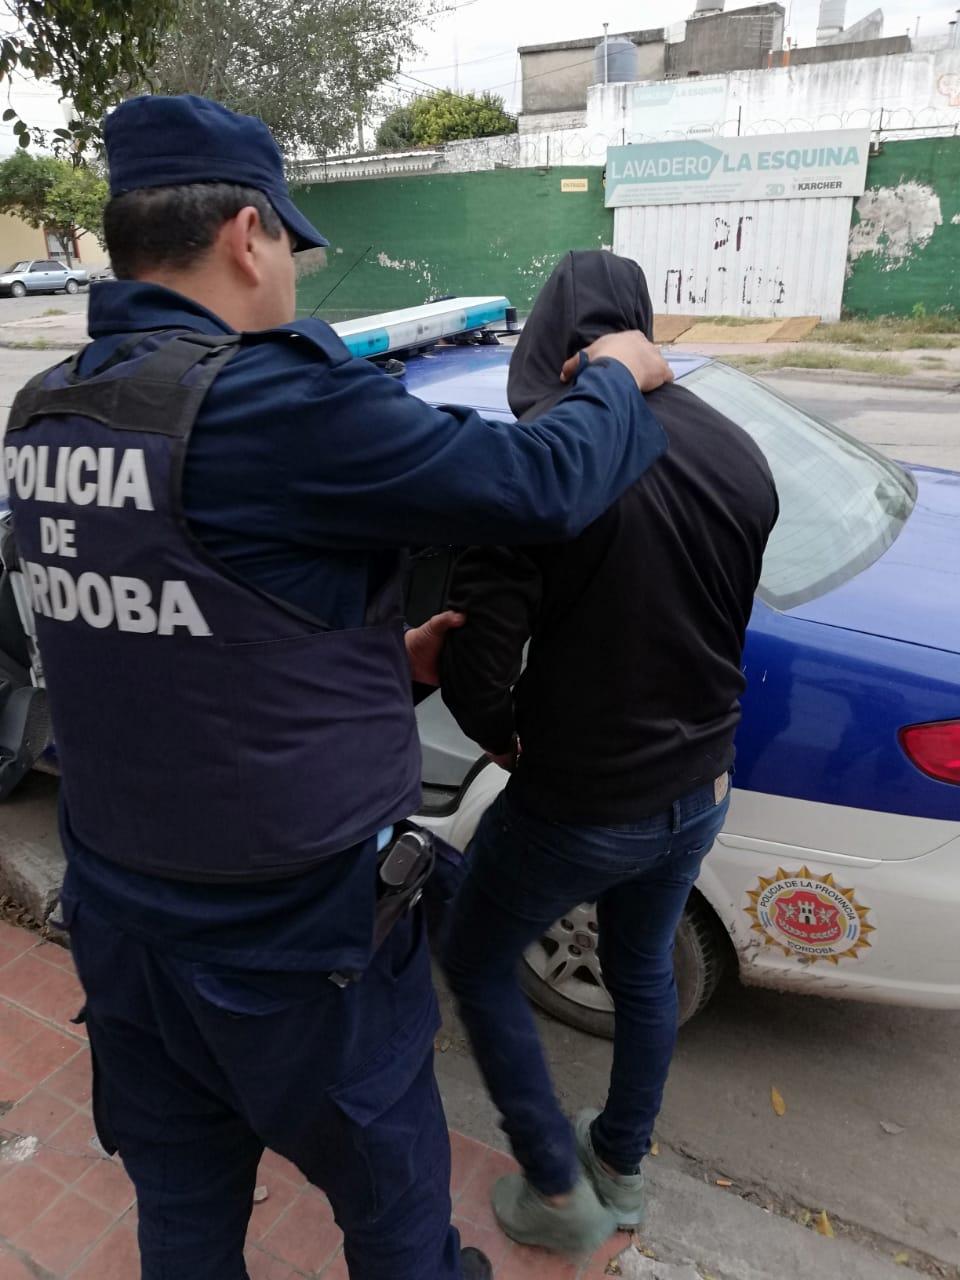 Van cayendo: dos detenidos por el robo a Santiago Expósito